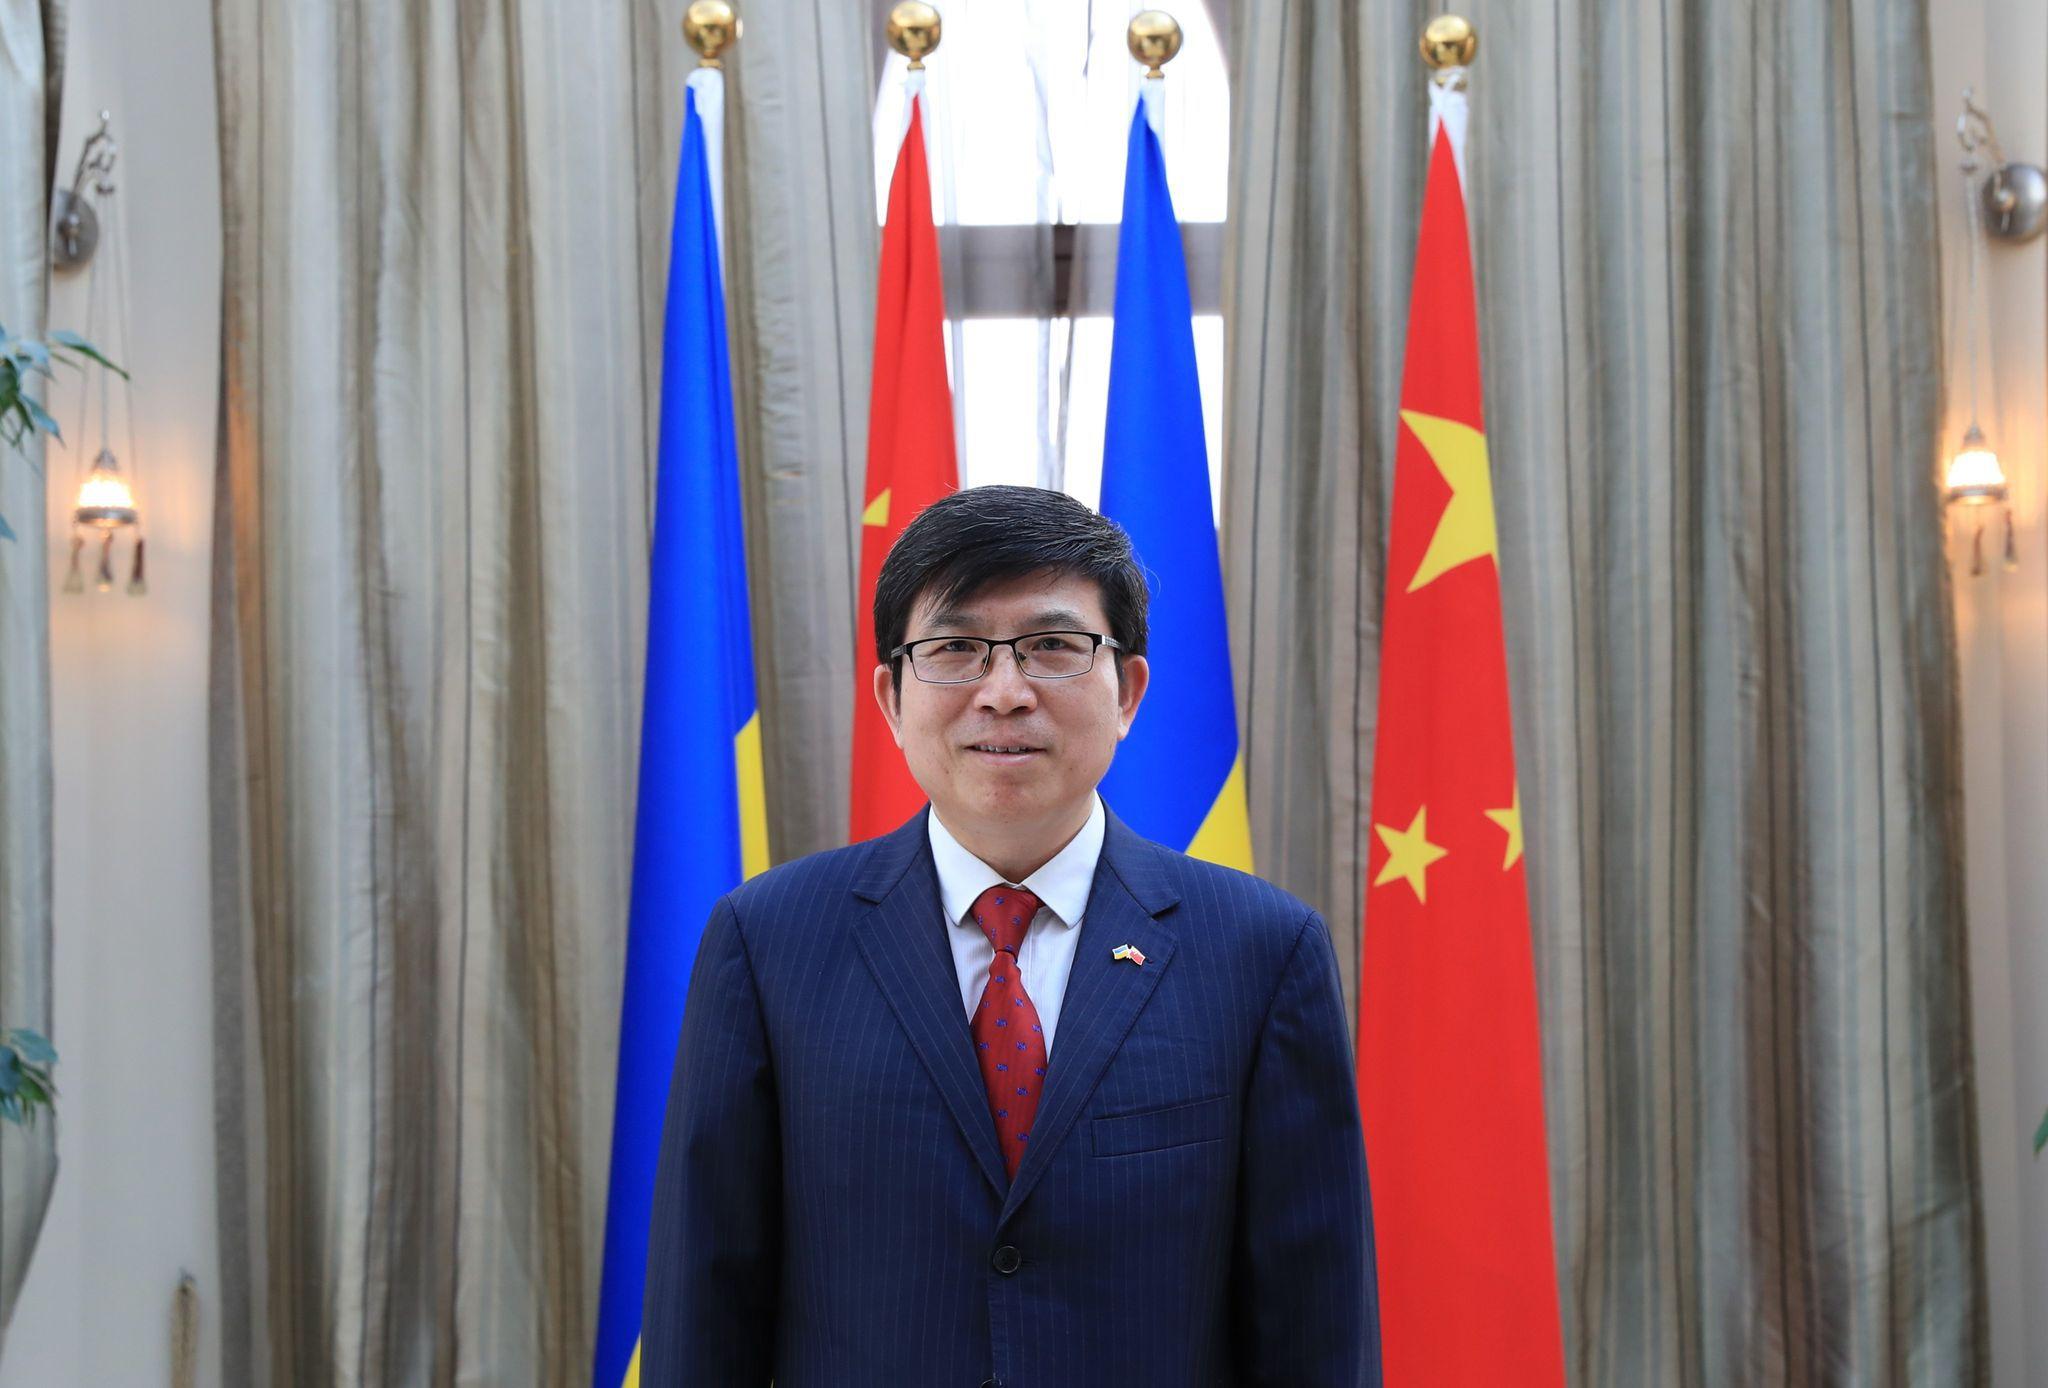 Посол КНР в Україні ФАНЬ Сяньжун: «У нас є всі умови для того, щоб ще ефективніше розвивати китайсько-українські відносини стратегічного партнерства»